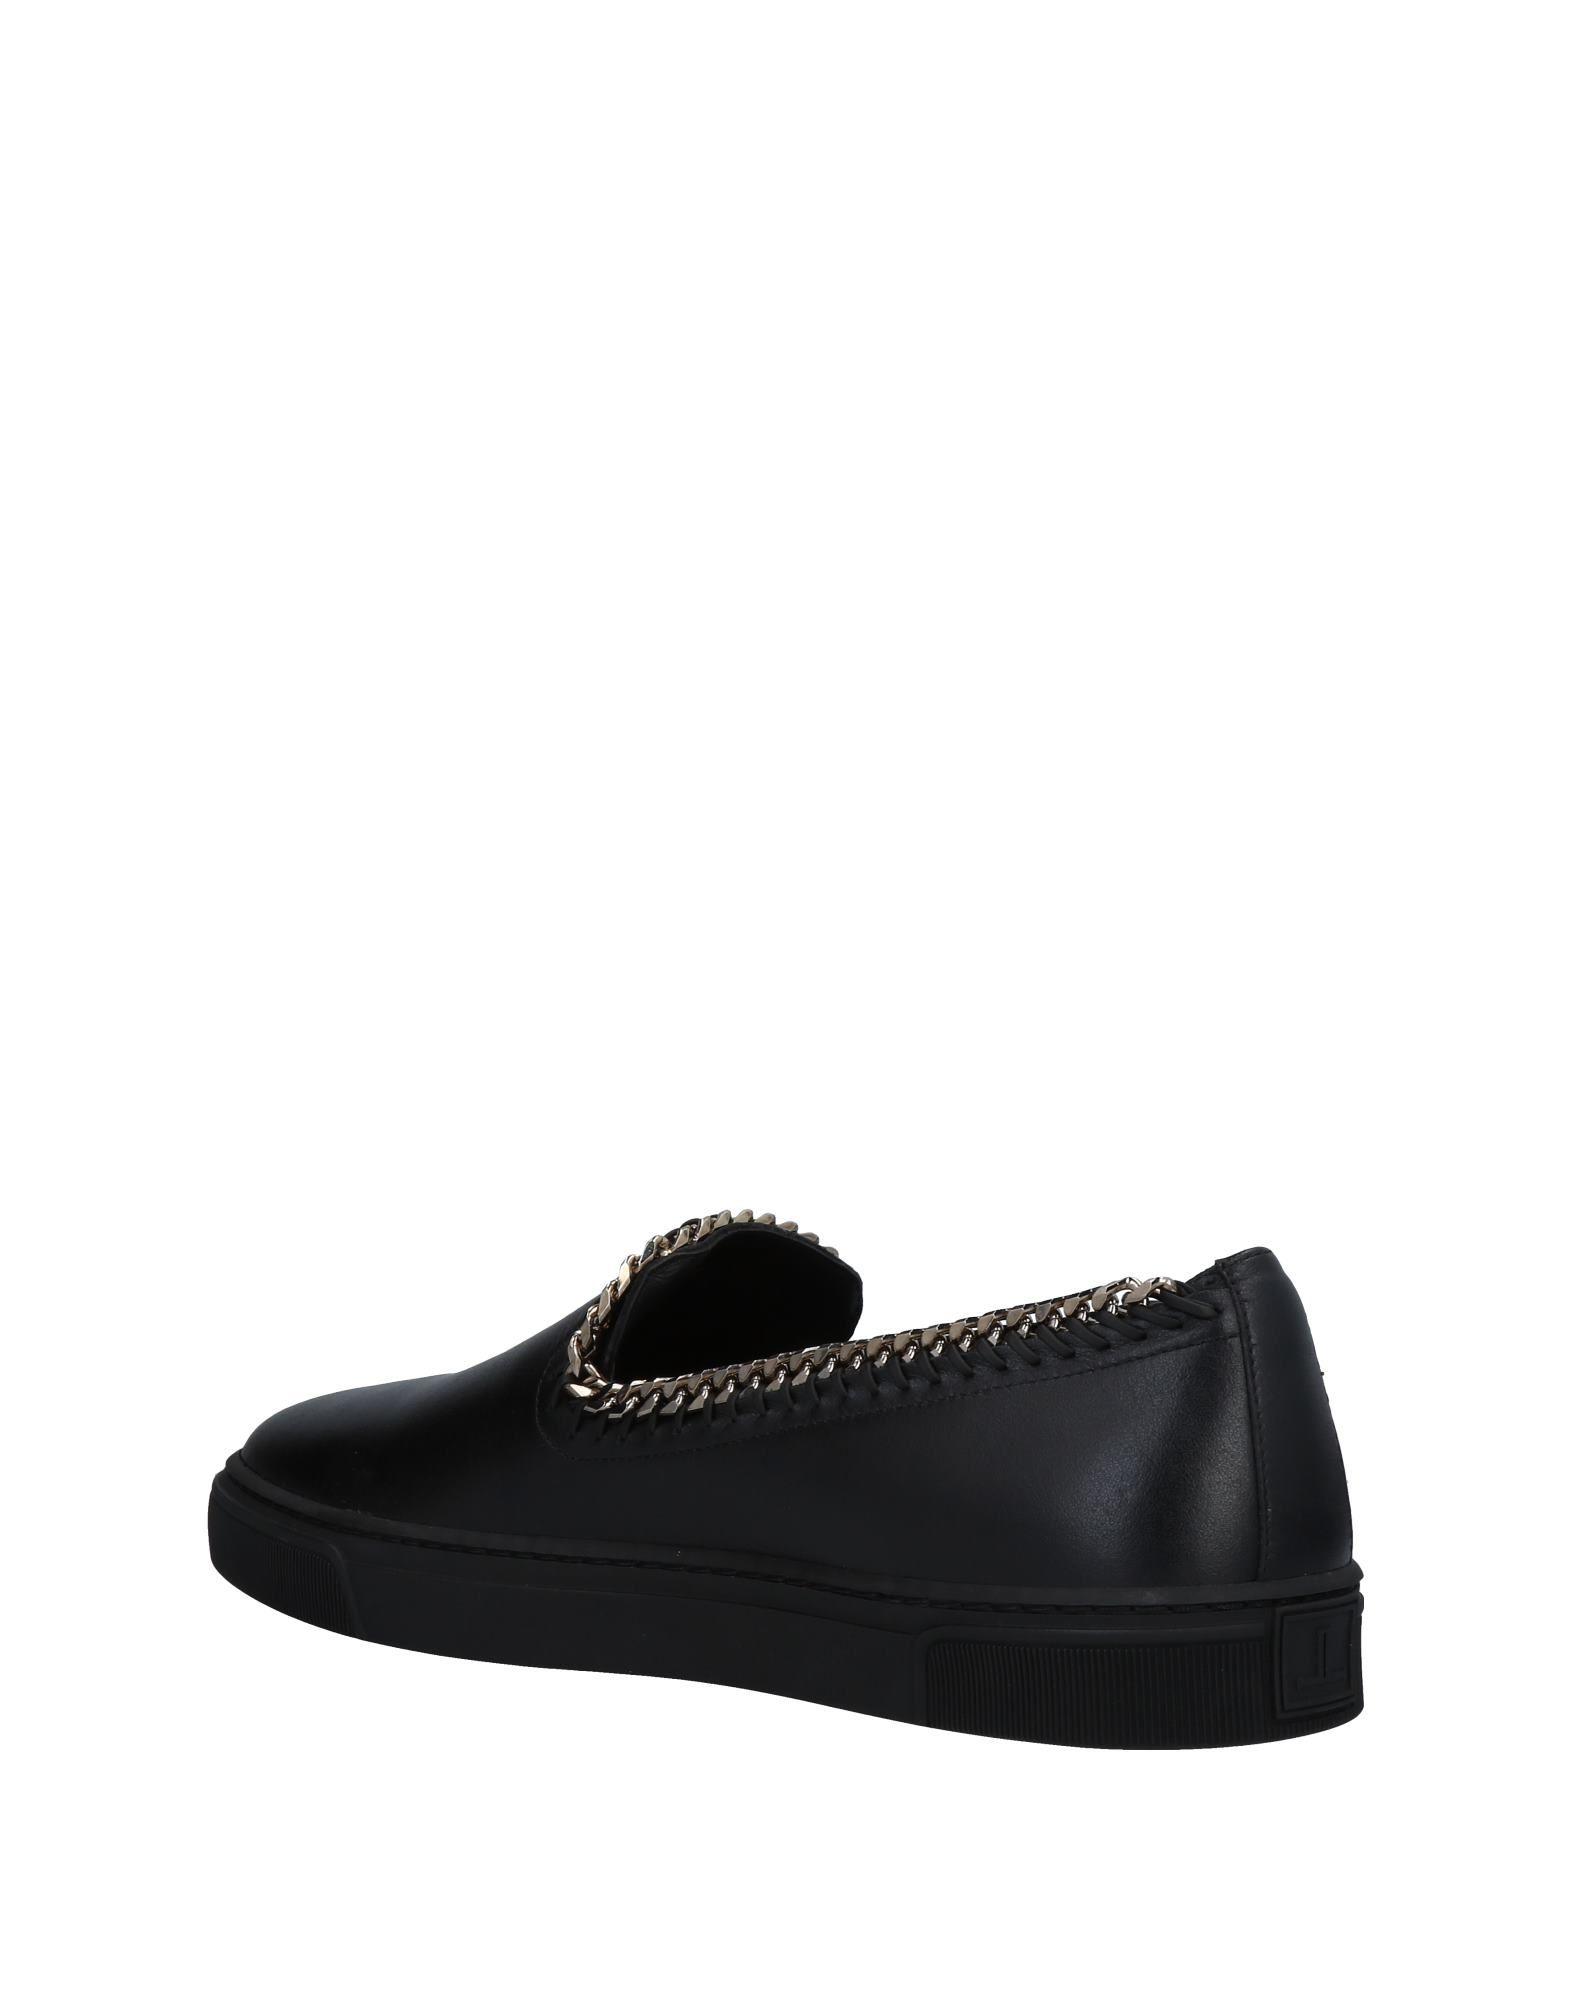 Louis Leeman Sneakers Herren beliebte  11482416OJ Gute Qualität beliebte Herren Schuhe df3759